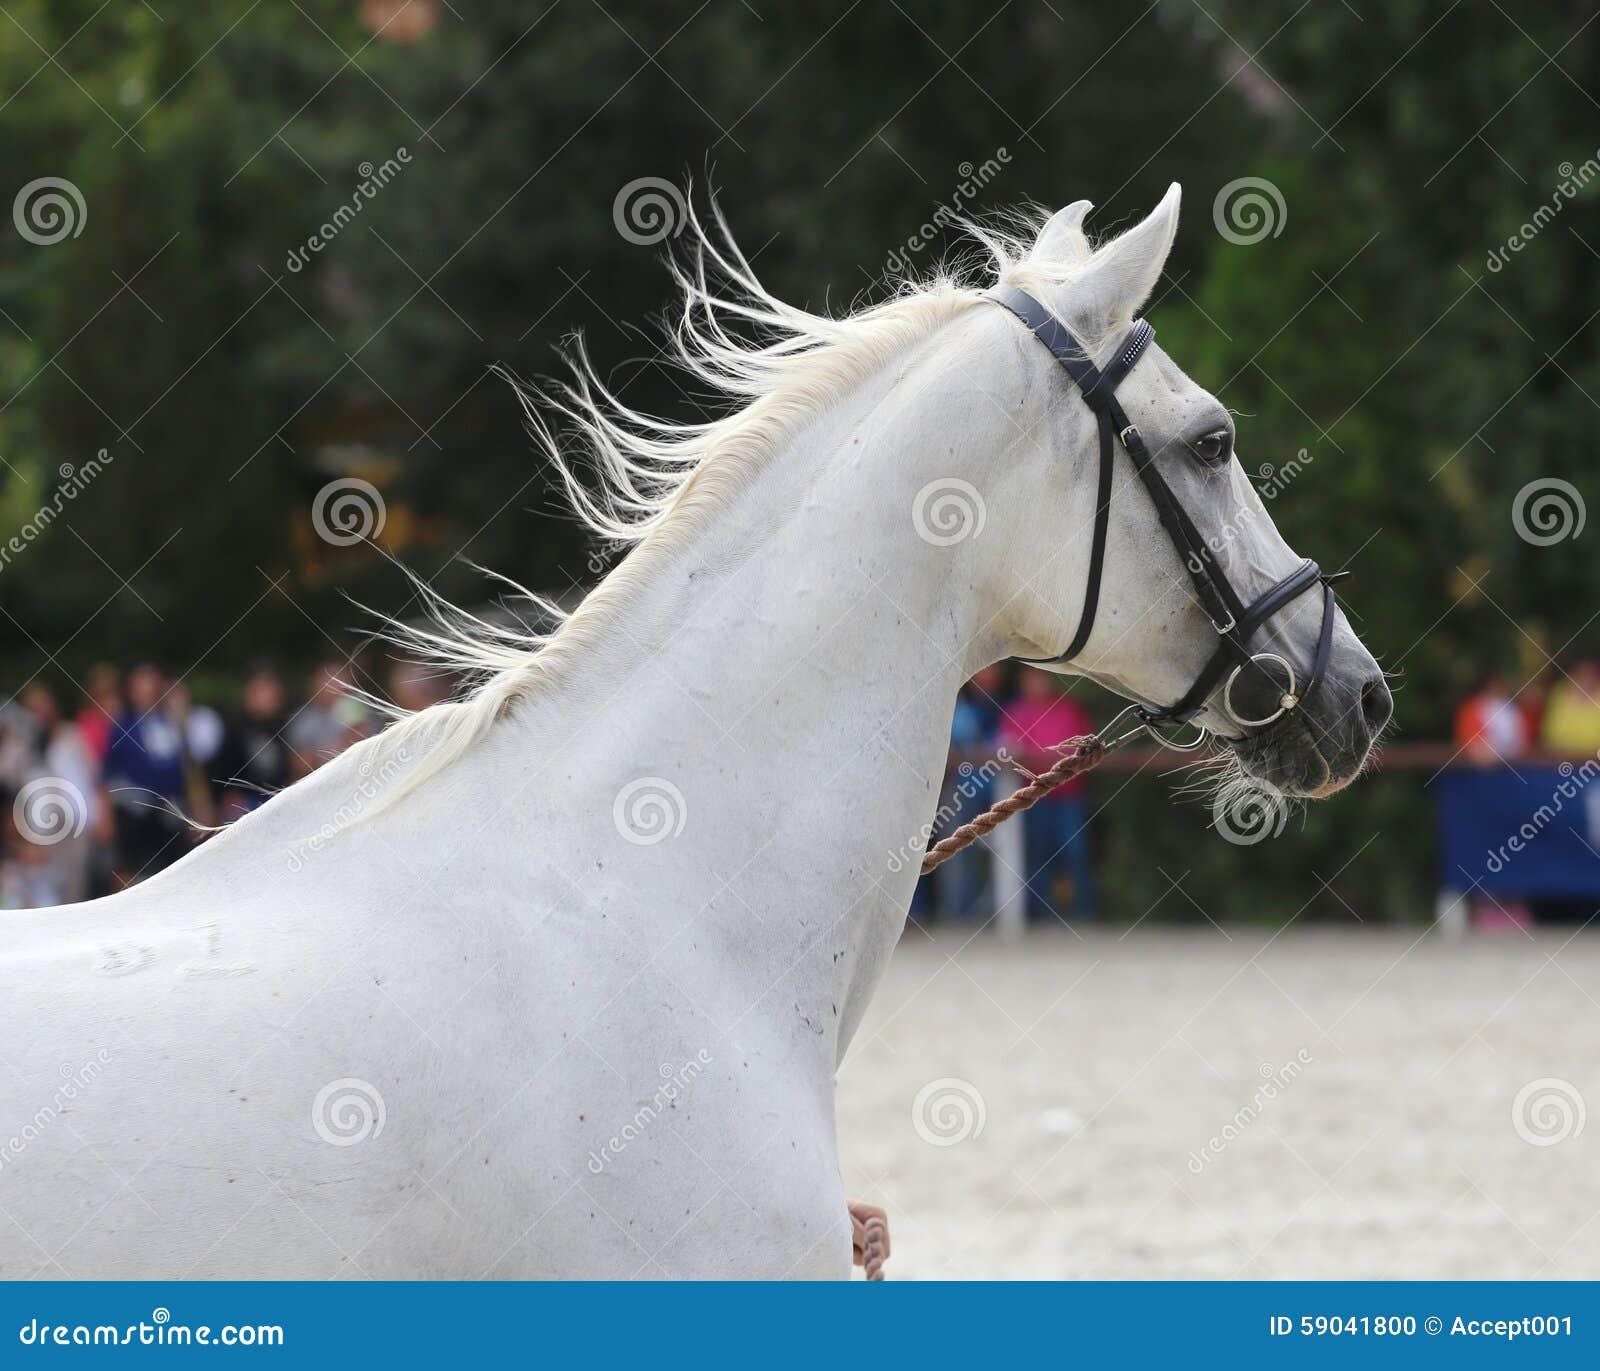 女人与公动物交配文章_交配动物者举行与辔的一匹马在马展示